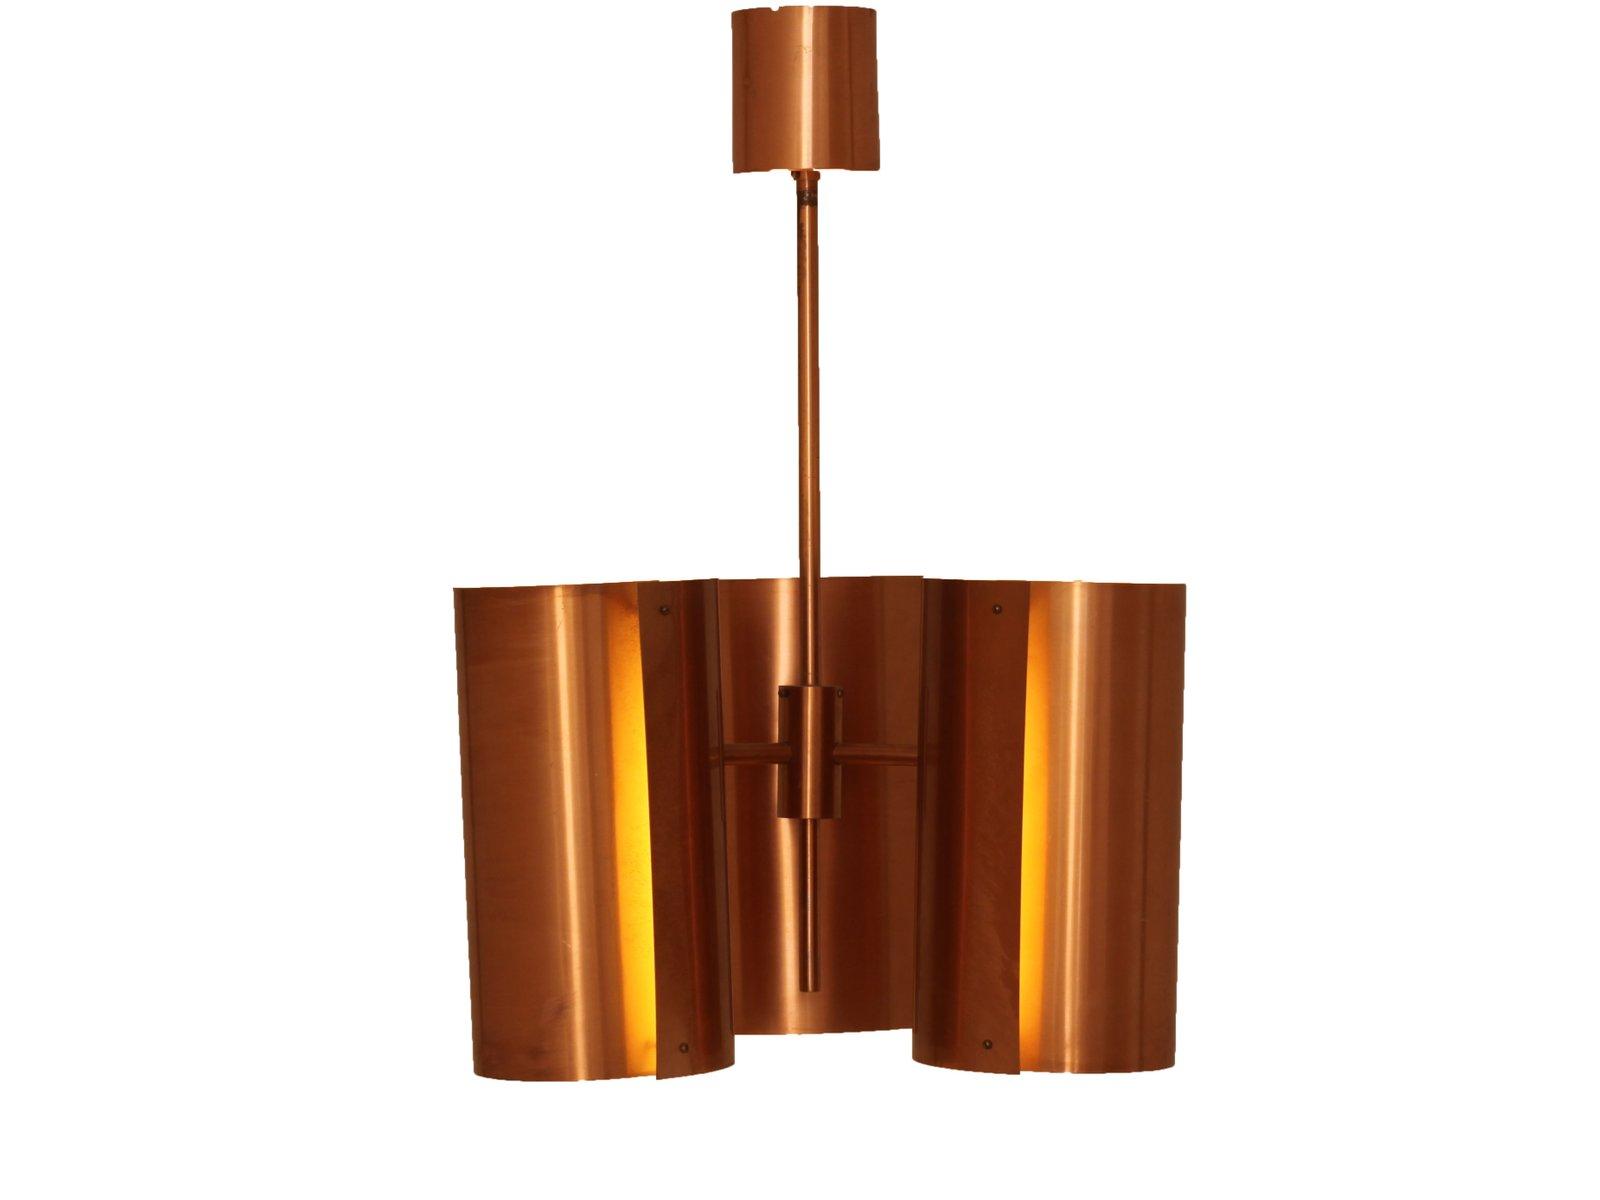 kupfer h ngelampe von hans agne jakobsson f r ab markaryd. Black Bedroom Furniture Sets. Home Design Ideas